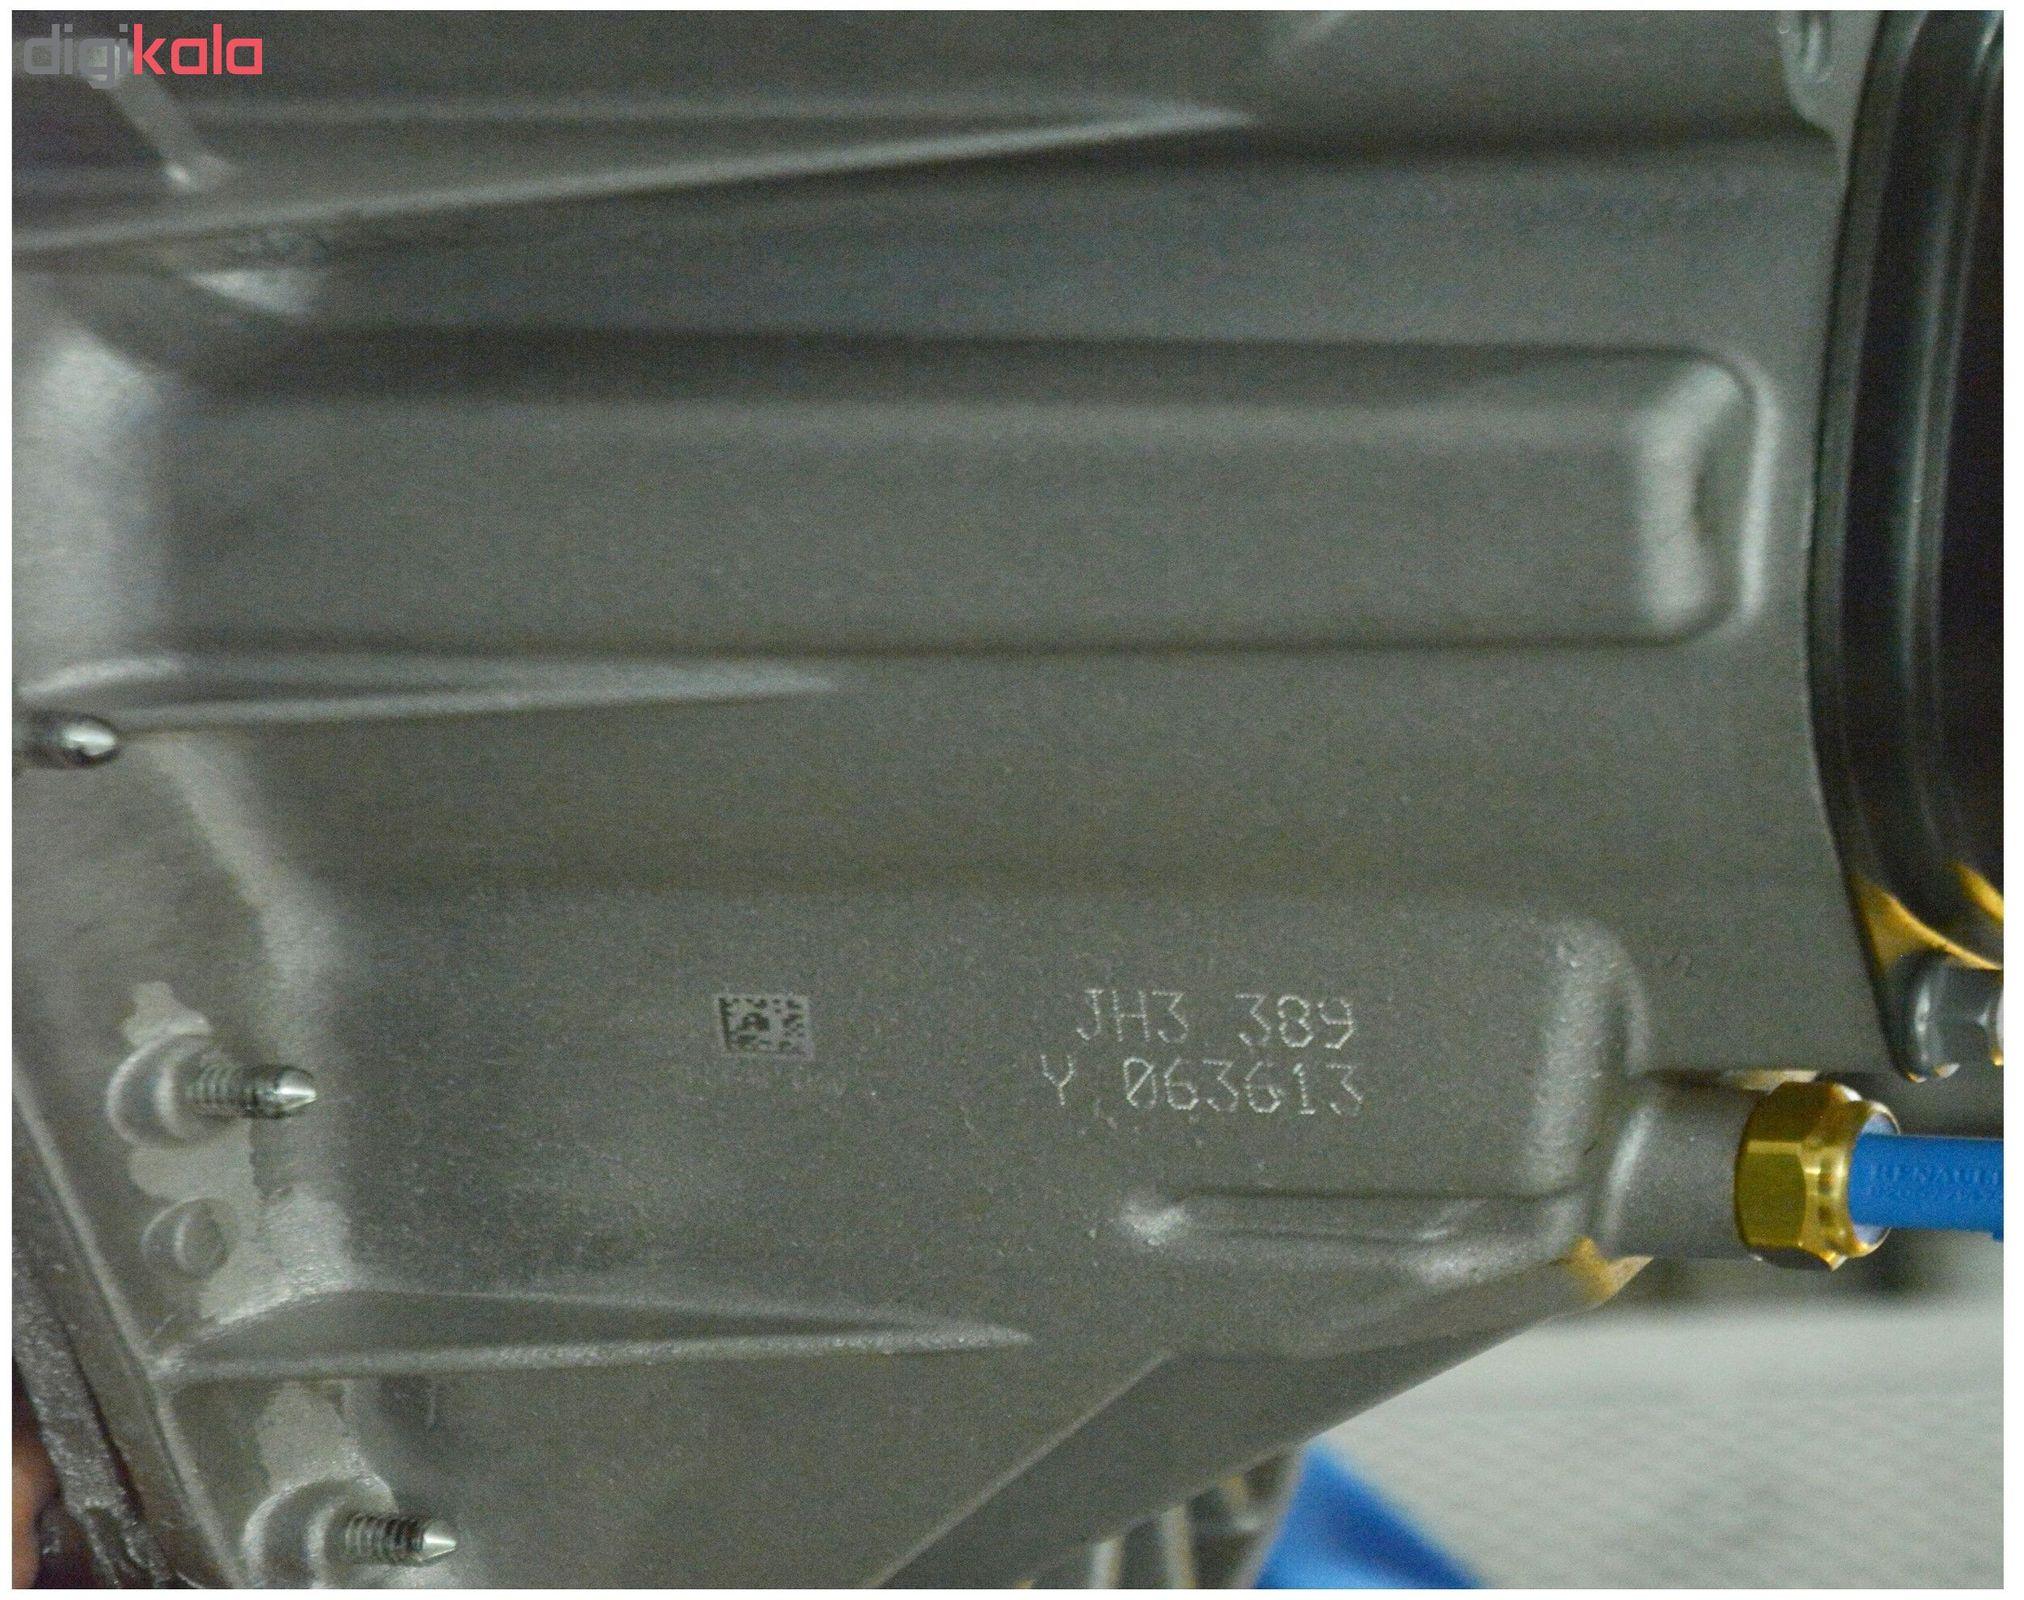 گیربکس رنو مدل JHQ-389 main 1 3